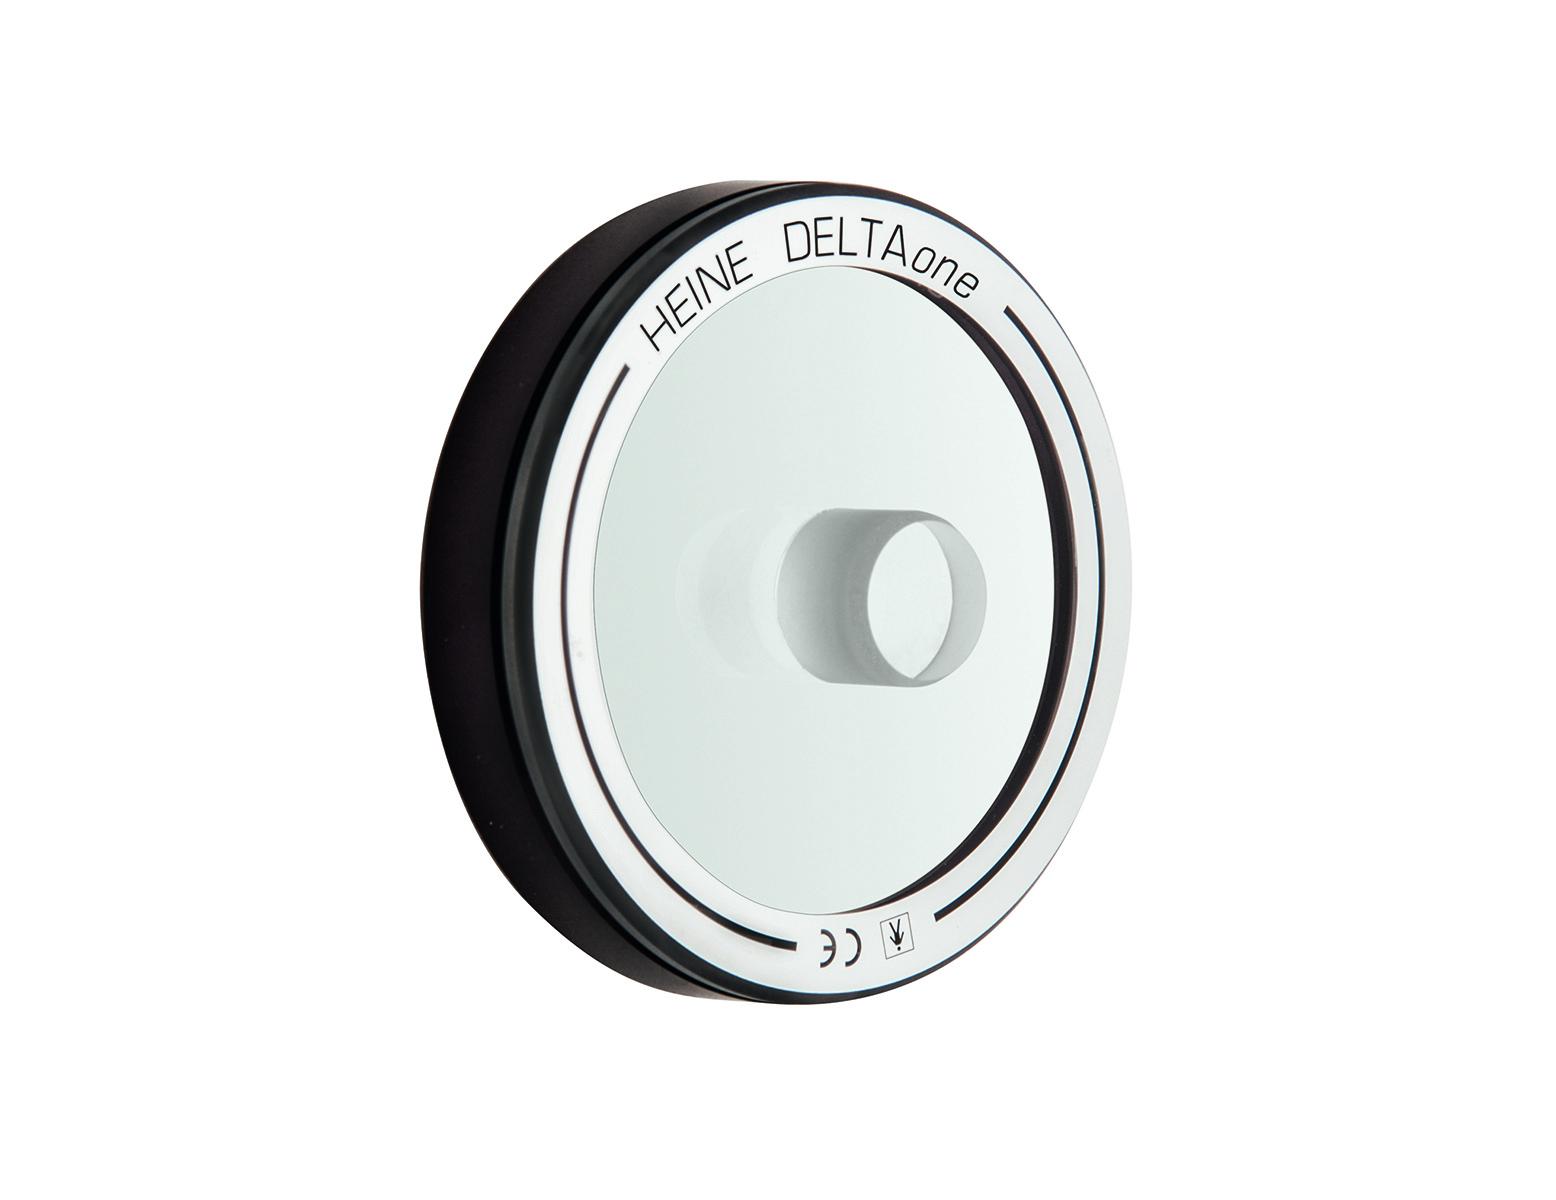 Heine DELTA One contact plaat - klein